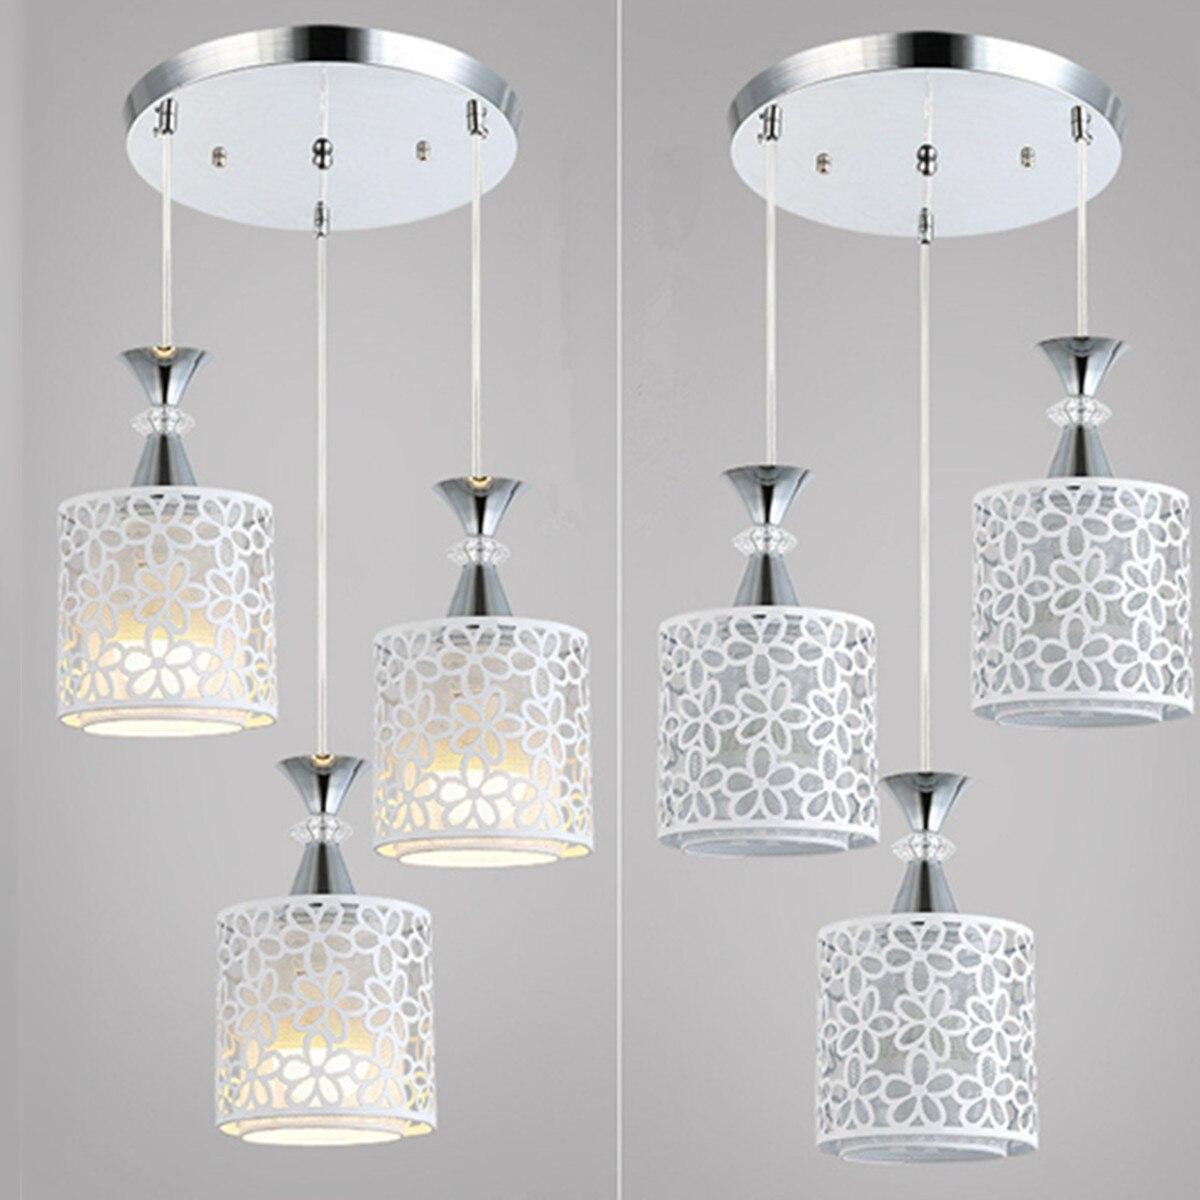 HTB1LINtbvfsK1RjSszgq6yXzpXav Crystal Ceiling Lamp | Crystal Ceiling Lights | Modern LED Lamps For Living Room Dining Room Glass Ceiling Lights Voltage 220V